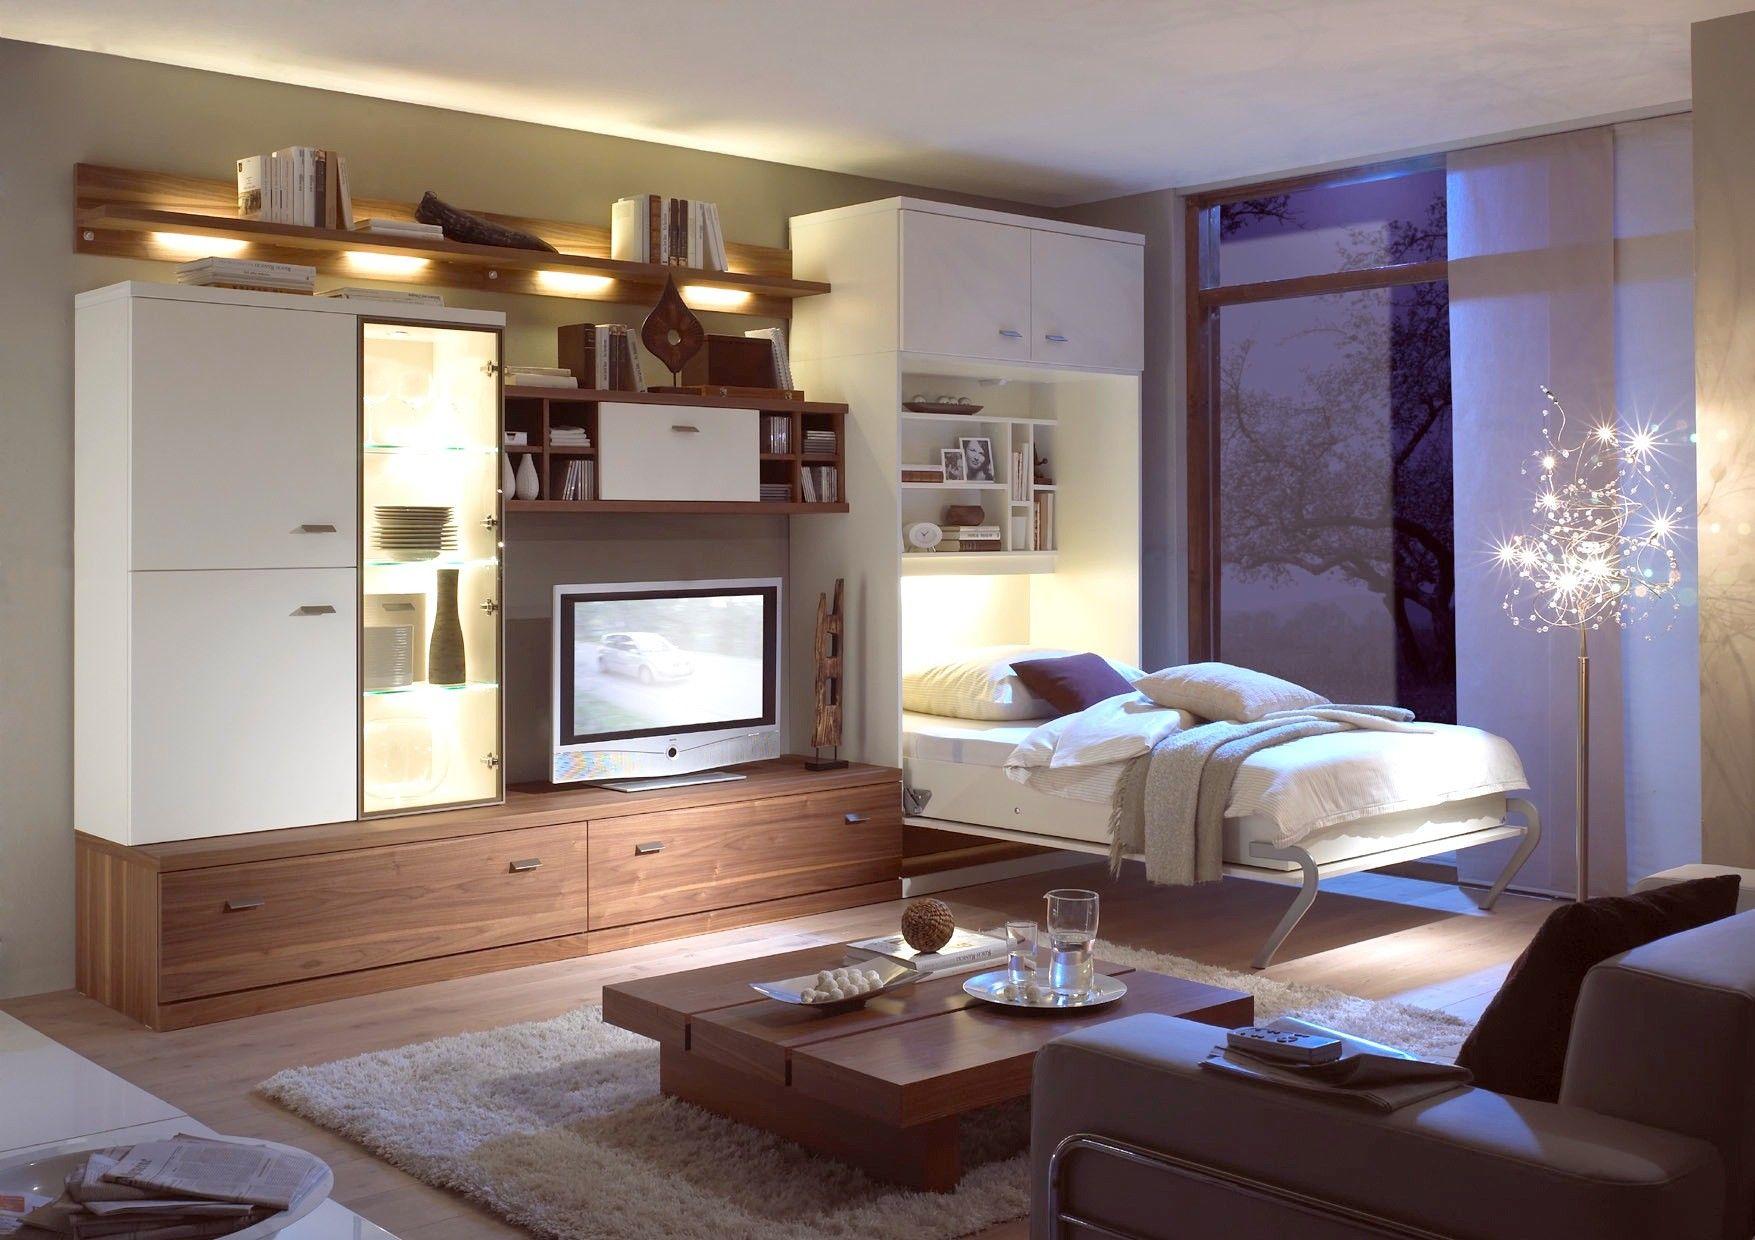 Home interior tapeten design gestaltung wohnzimmer tapeten in   dekoideen bad selber machen